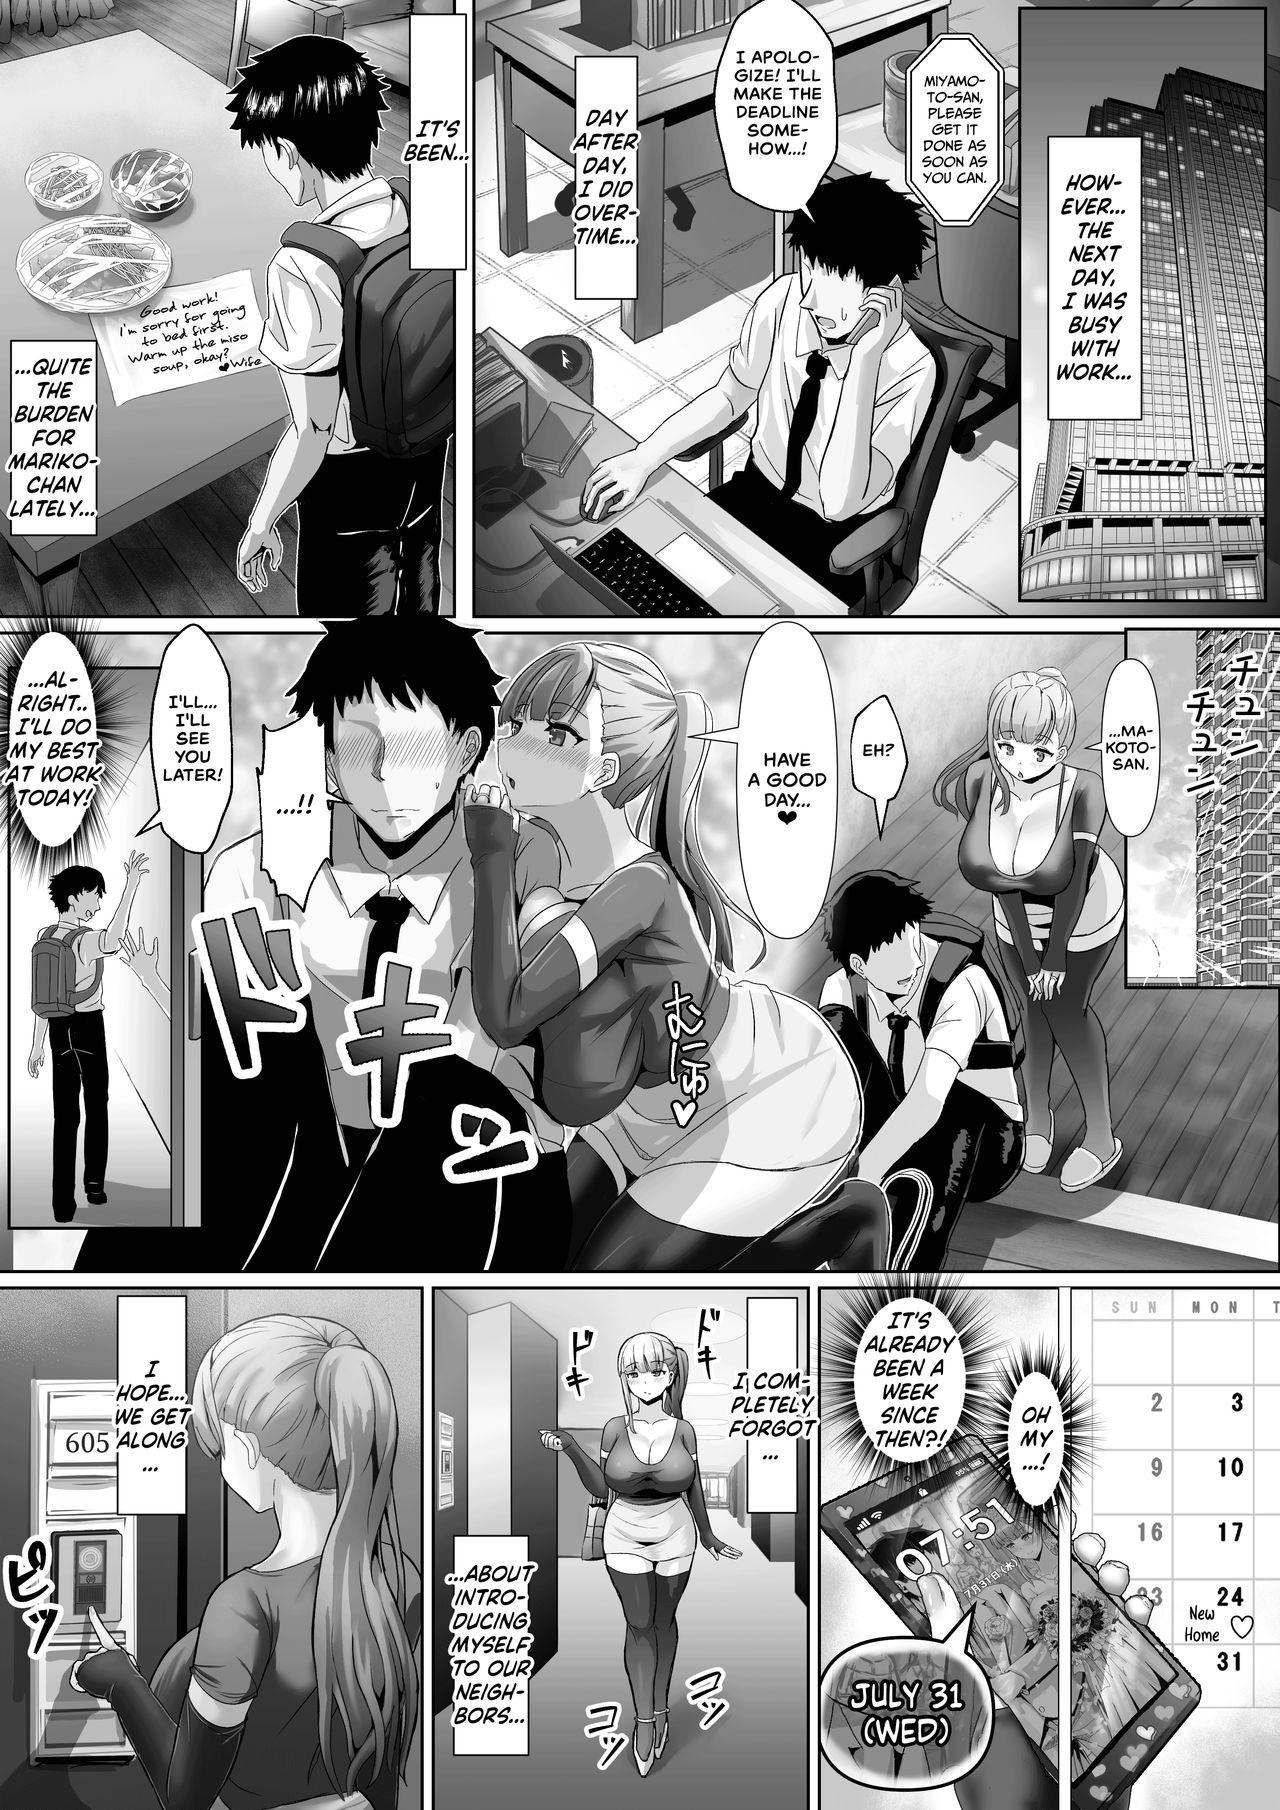 Tsuma ga Midareta Sugata o Boku wa Shiranai   I've Never Seen My Wife Dishevelled 6